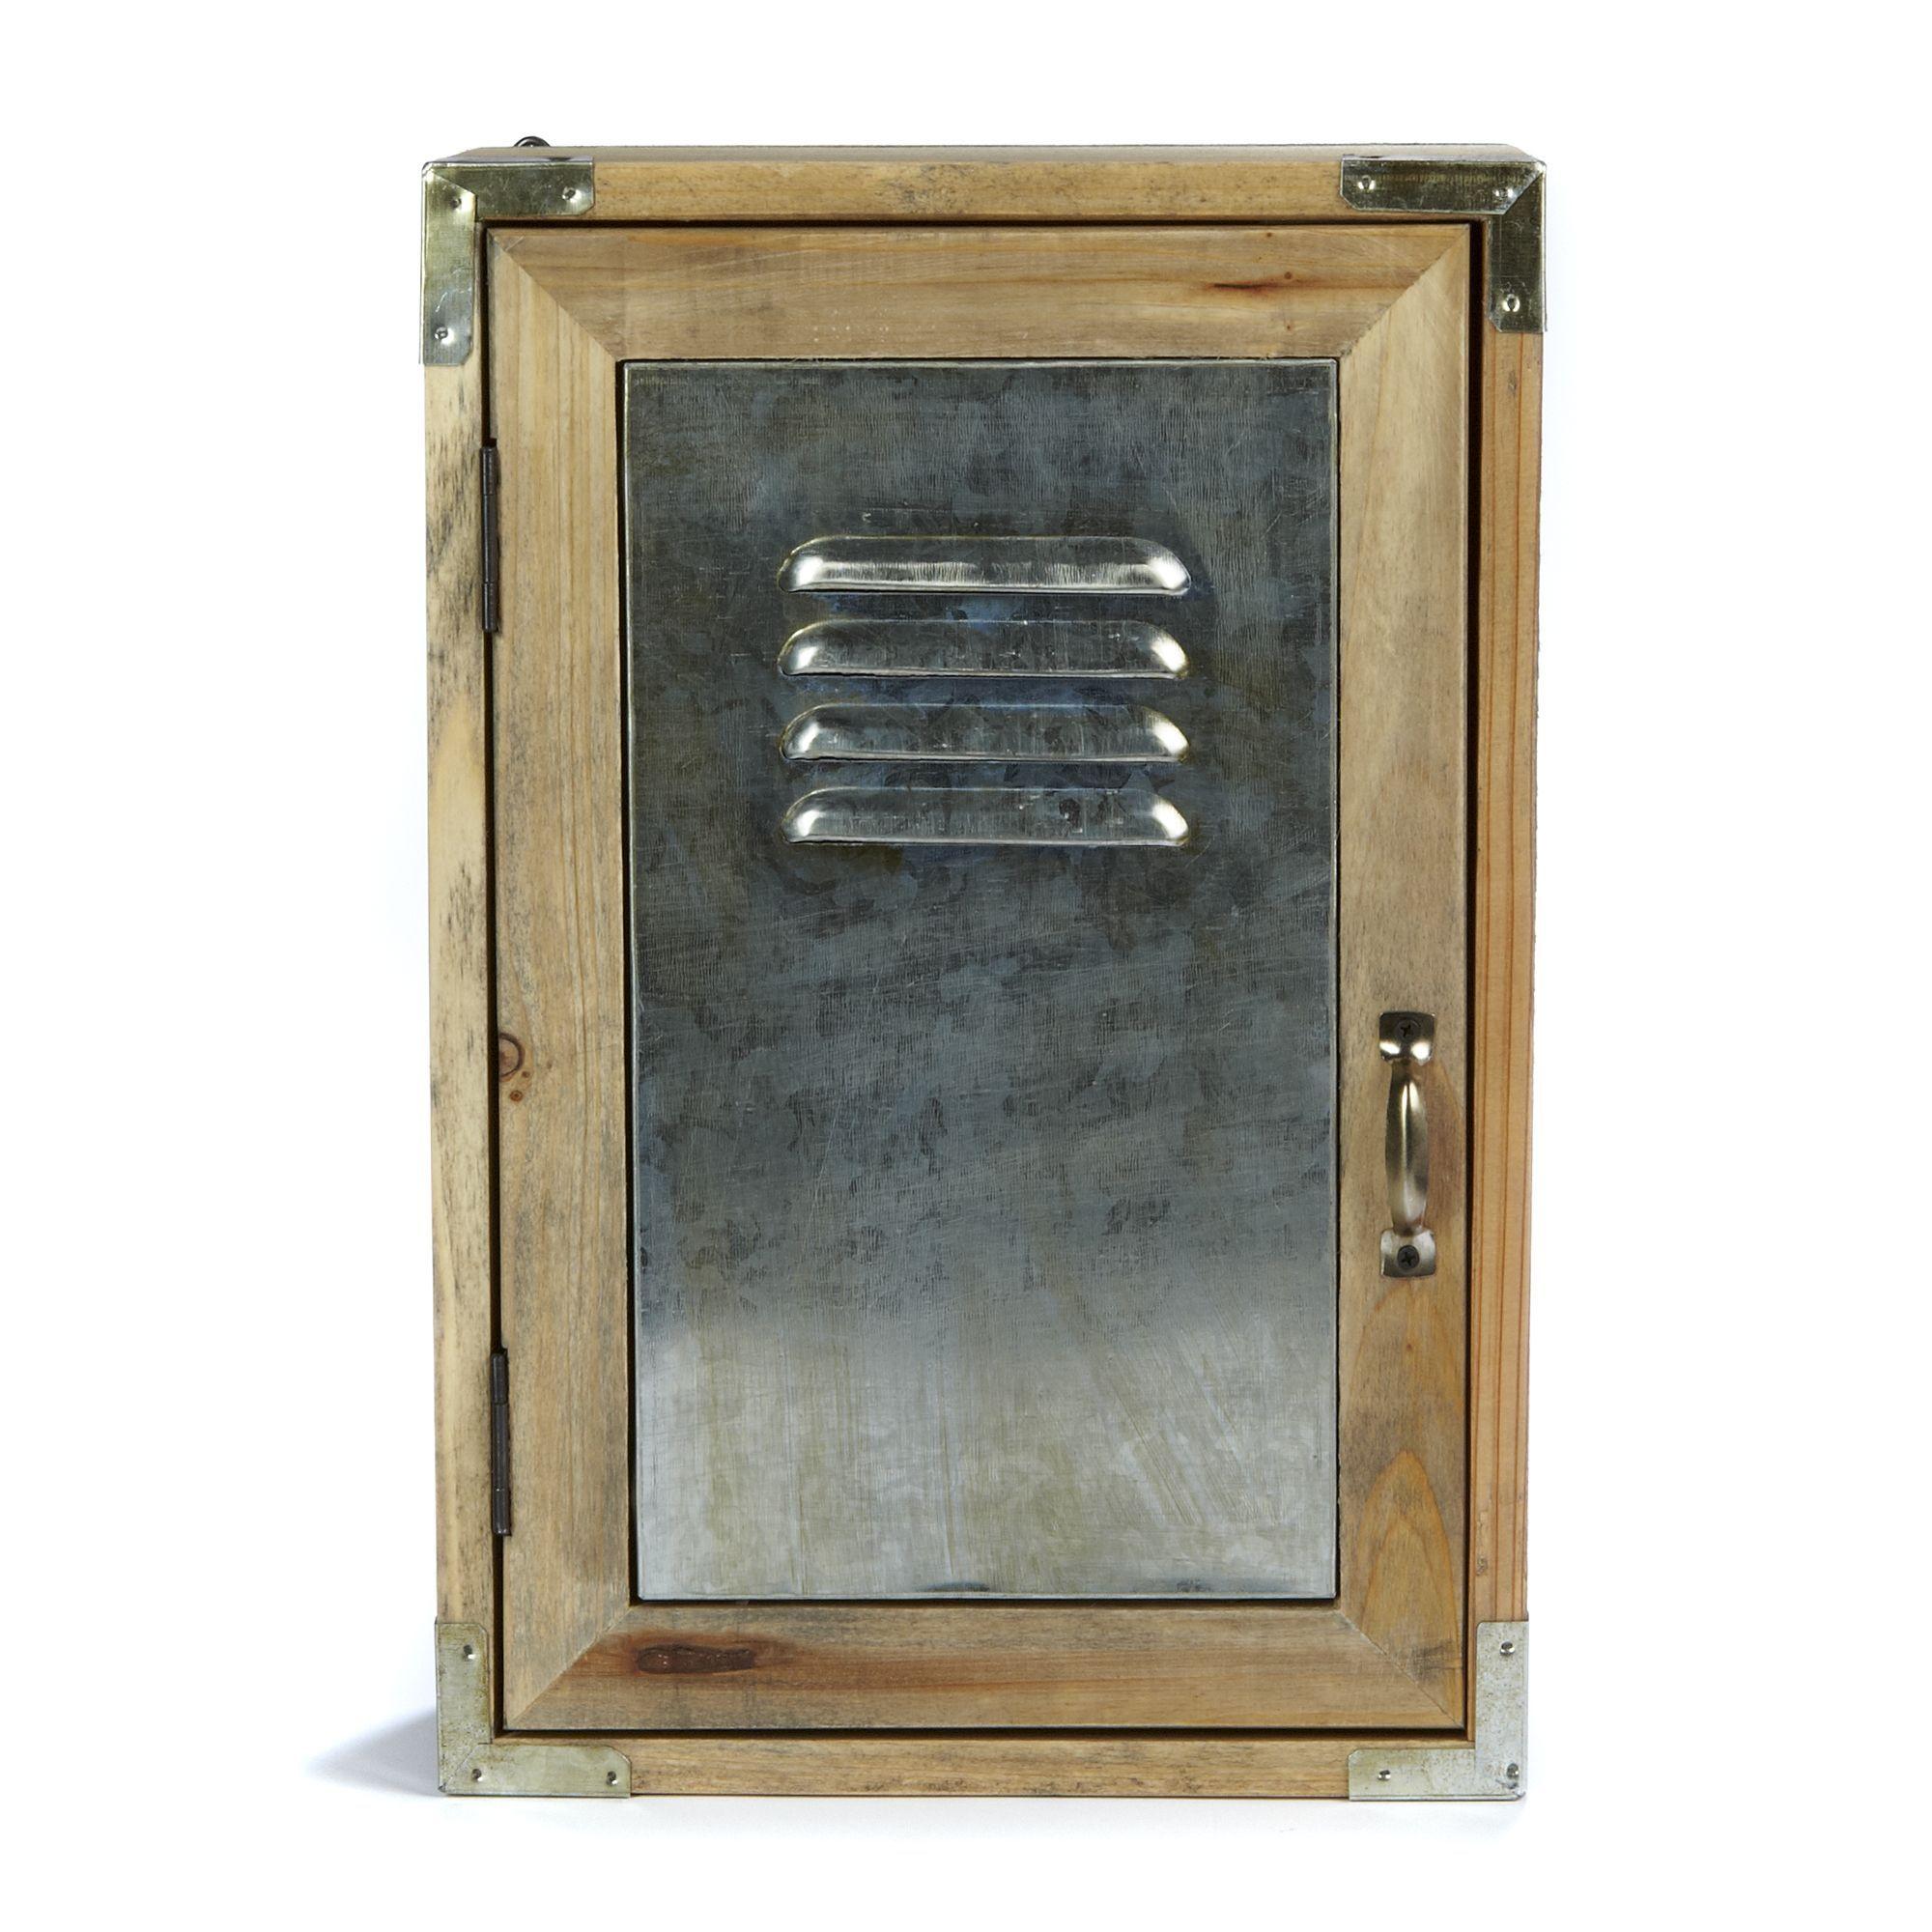 Boite A Cles Antica Tout Pour Le Rangement Alinea Deco Boite A Cles Mobilier De Salon